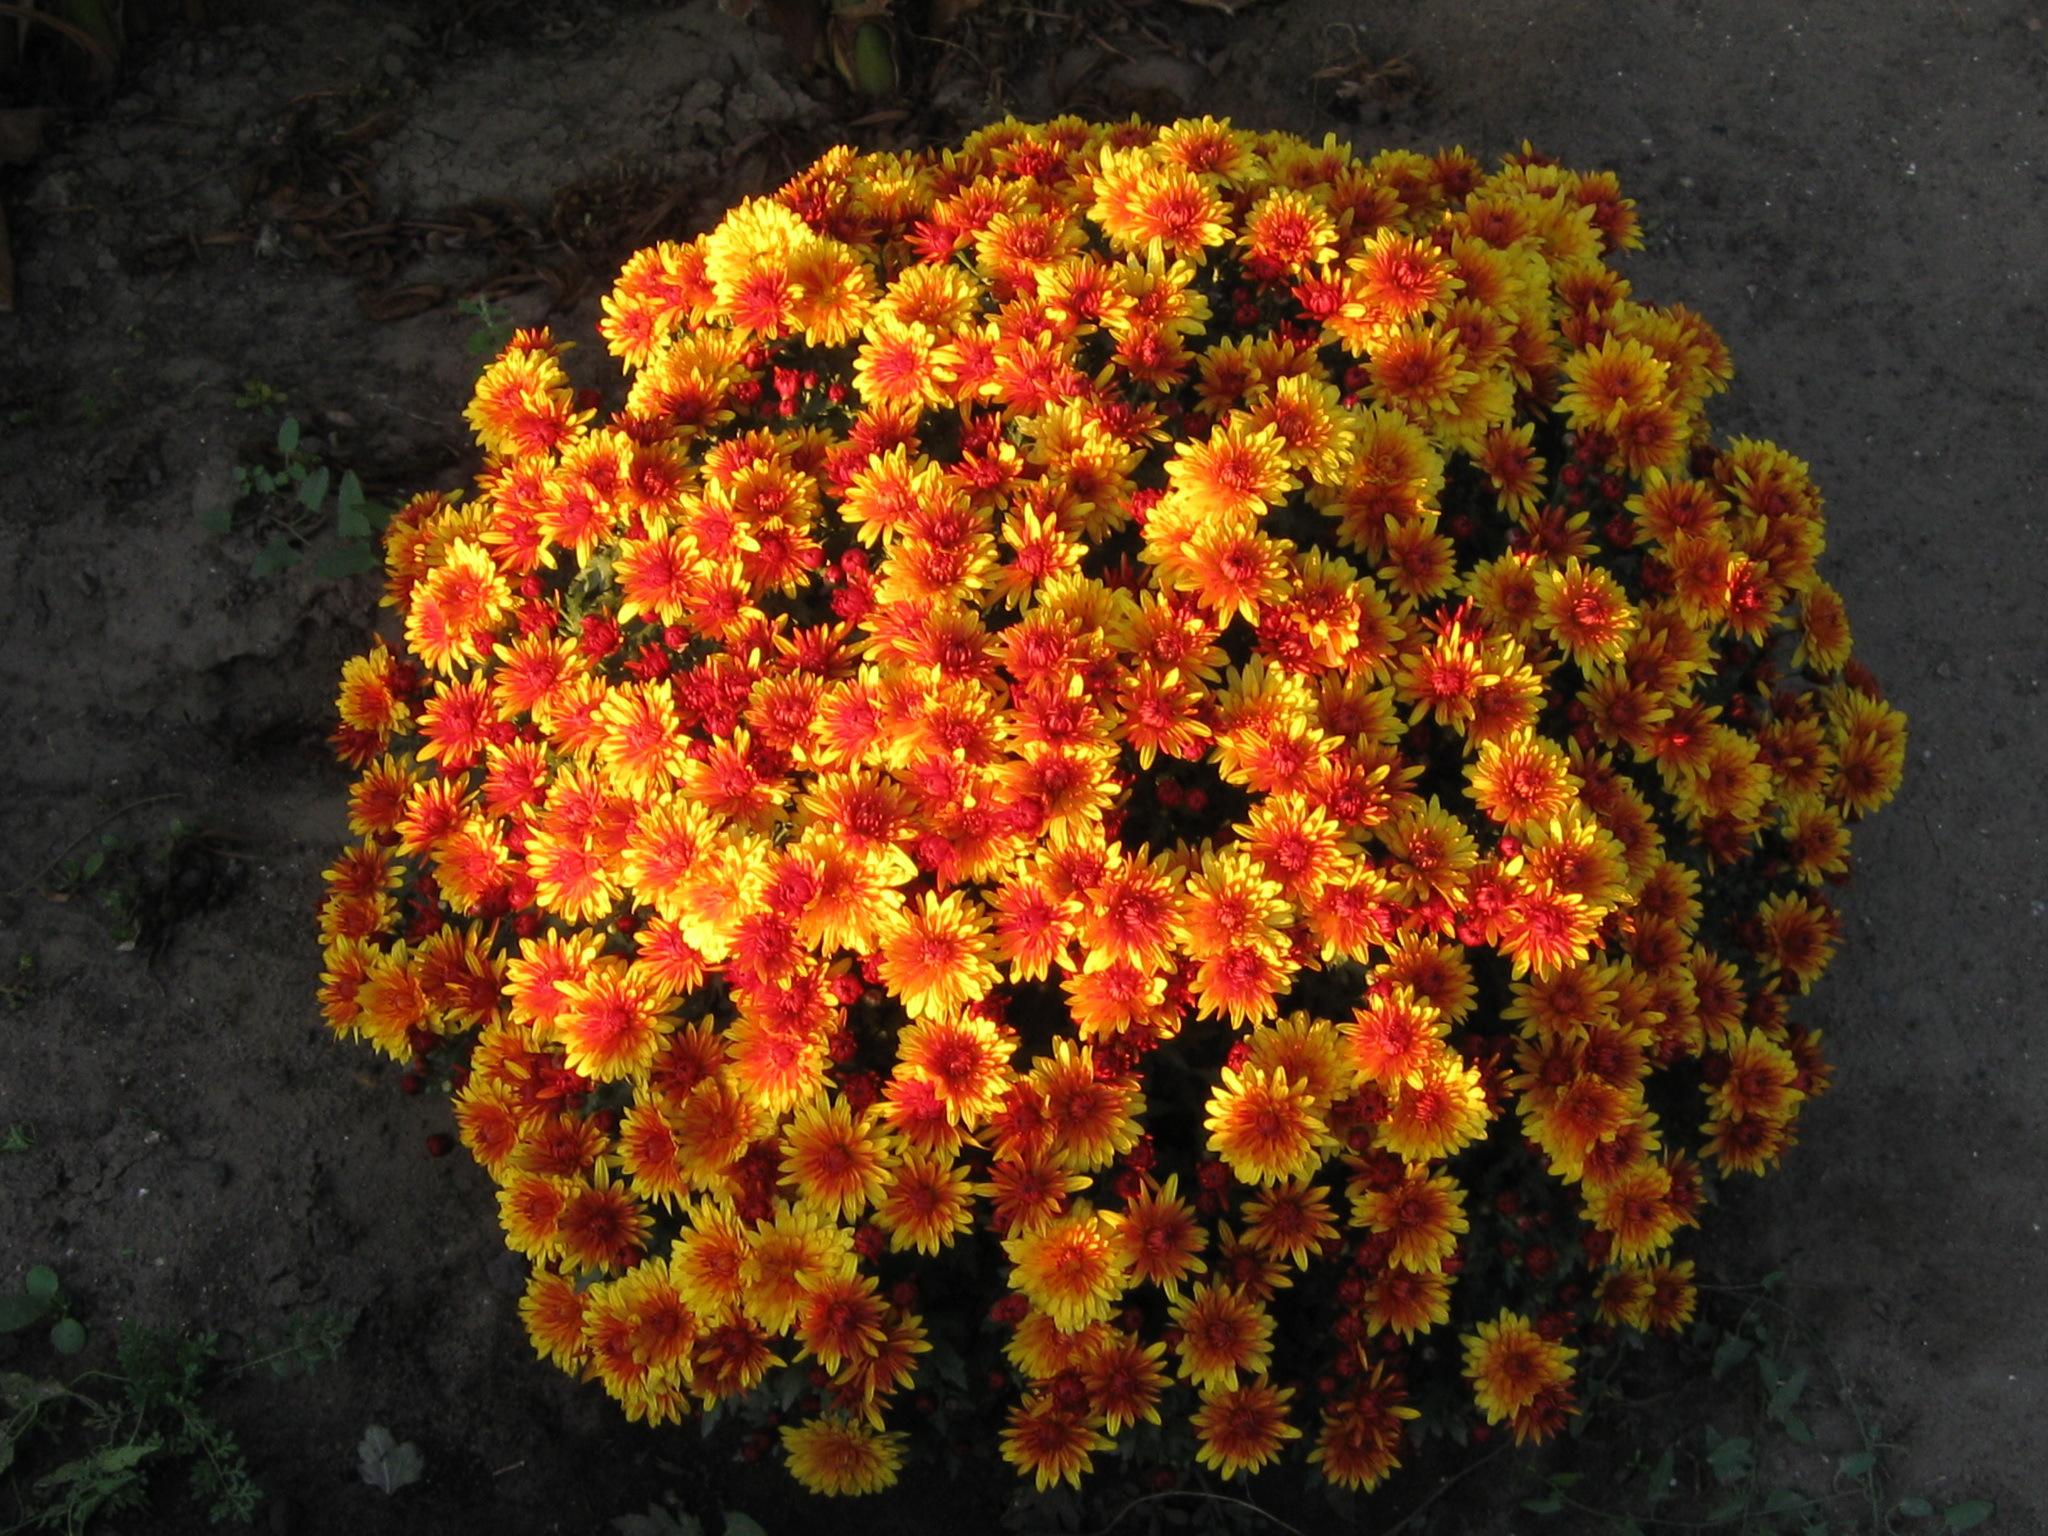 основания кусты хризантем картинки данном разделе вашему